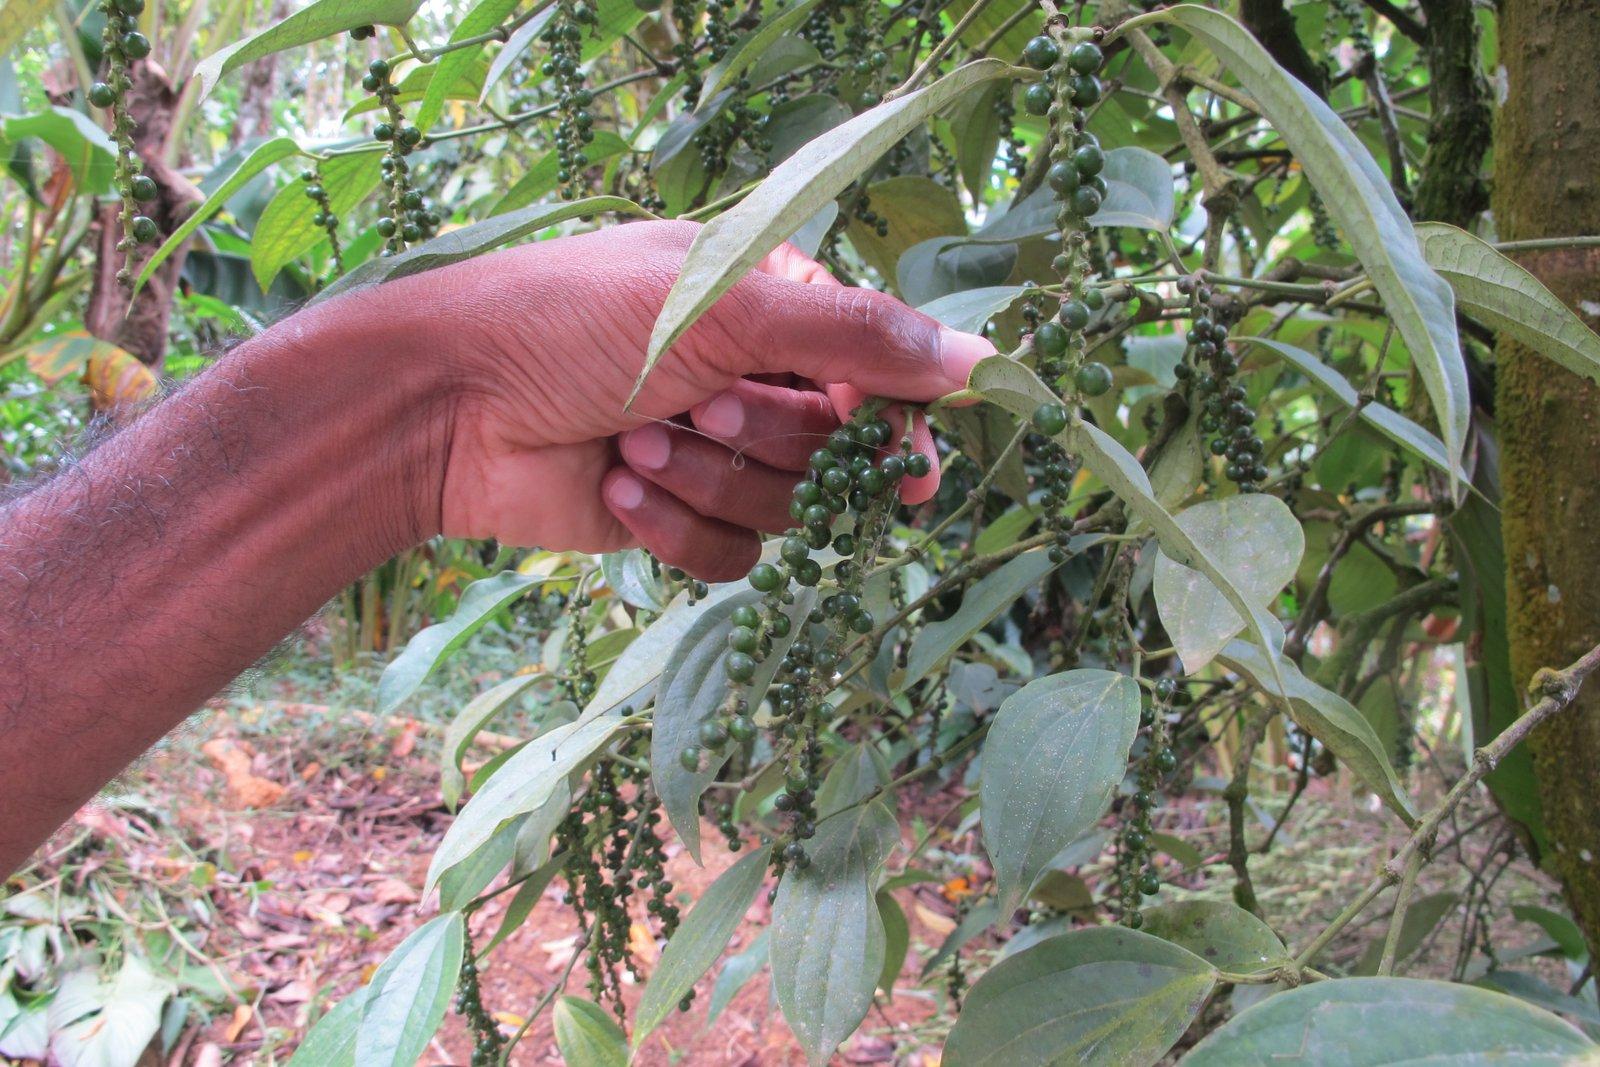 Spice boy kurissupara kerala 6 mois ici et l for Plante 6 mois